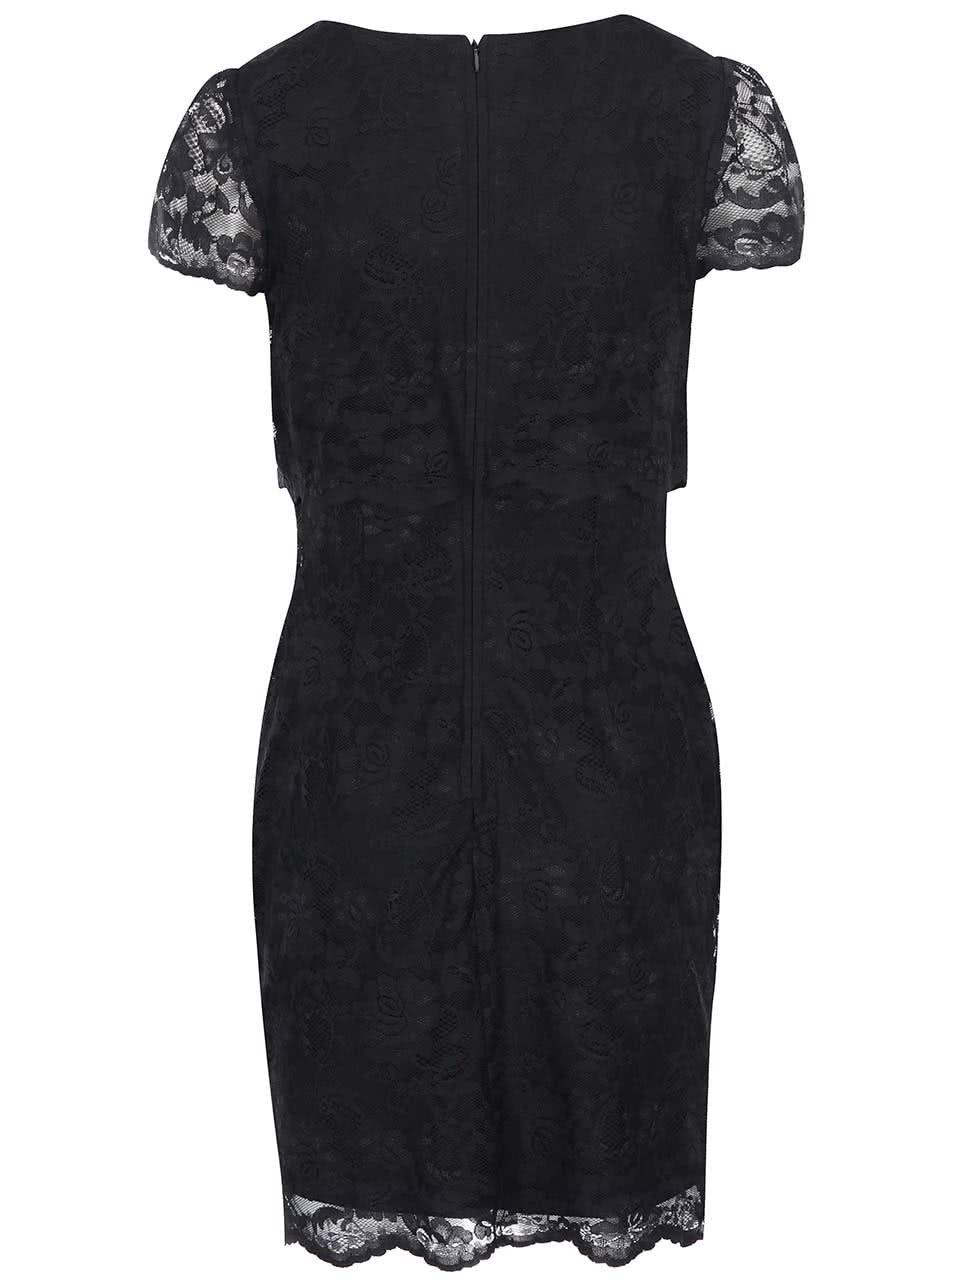 5262d79eea6 Černé šaty s krajkou Lipstick Boutique Lucinda ...